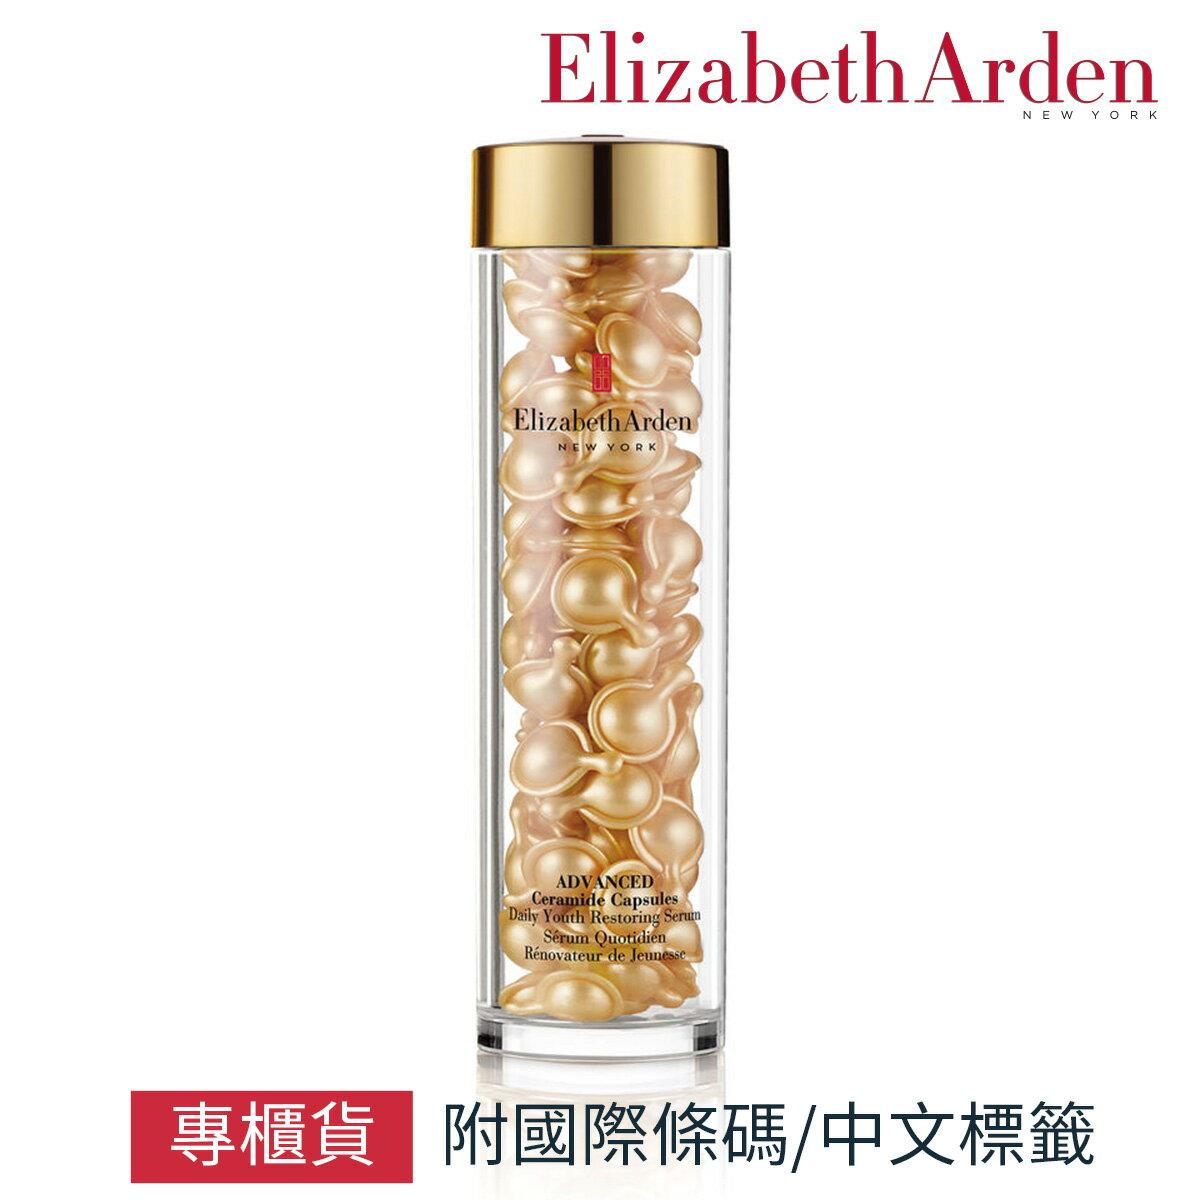 Elizabeth Arden 伊麗莎白雅頓 超進化黃金導航膠囊 (90顆) 公司貨 明星商品 逆齡首選【SP嚴選家】 0